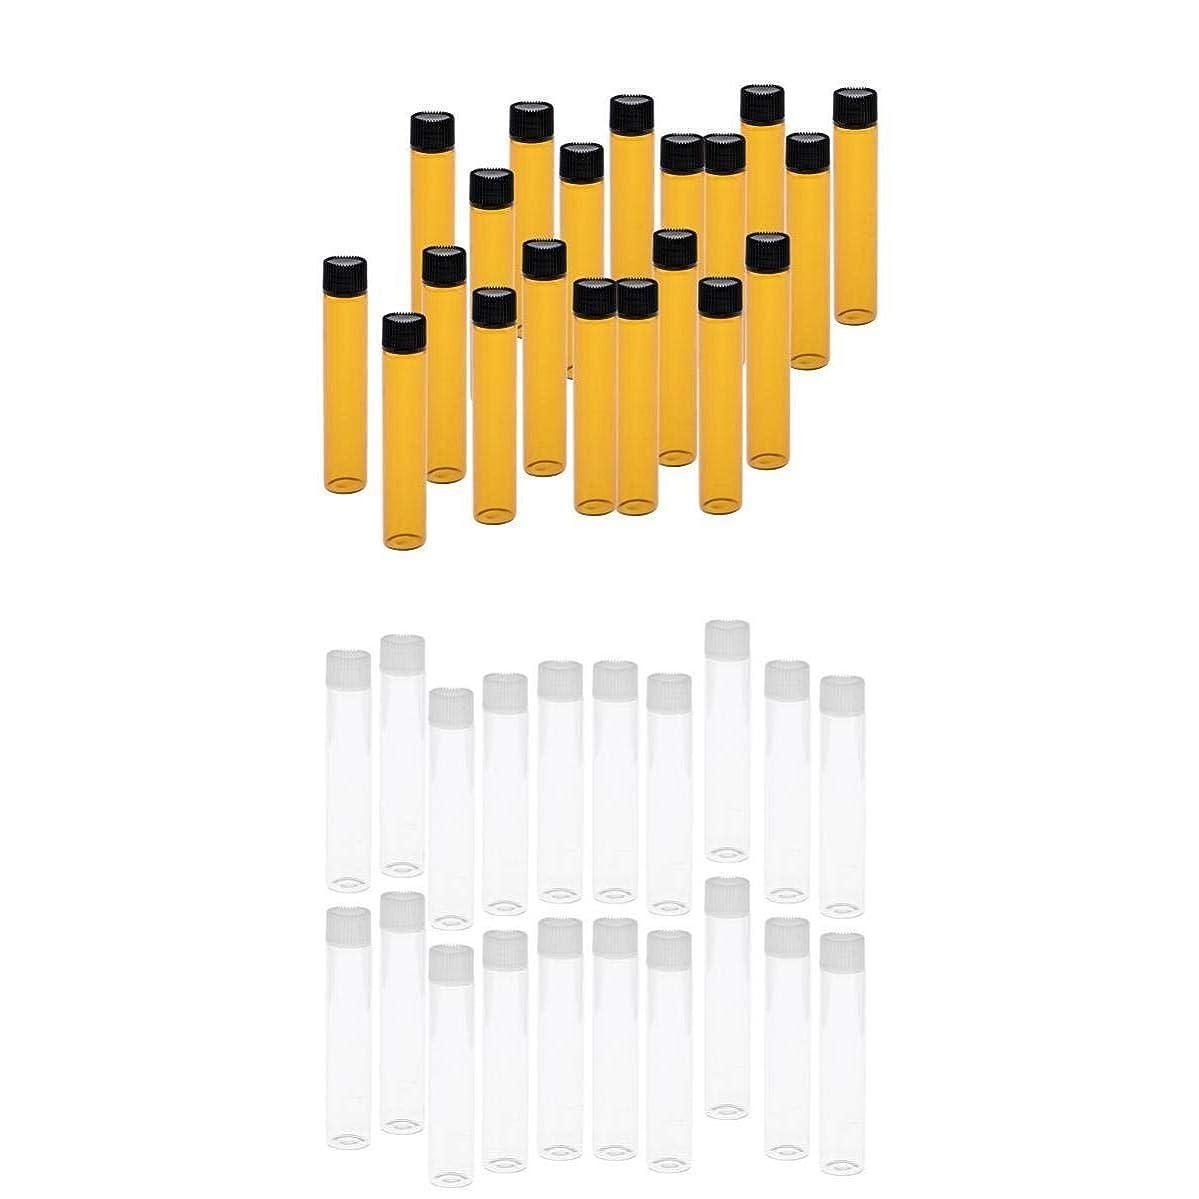 挨拶蒸発気分Sharplace エッセンシャルオイル ボトル ガラス ポータブル 詰め替え式 再利用可能 アロマテラピー